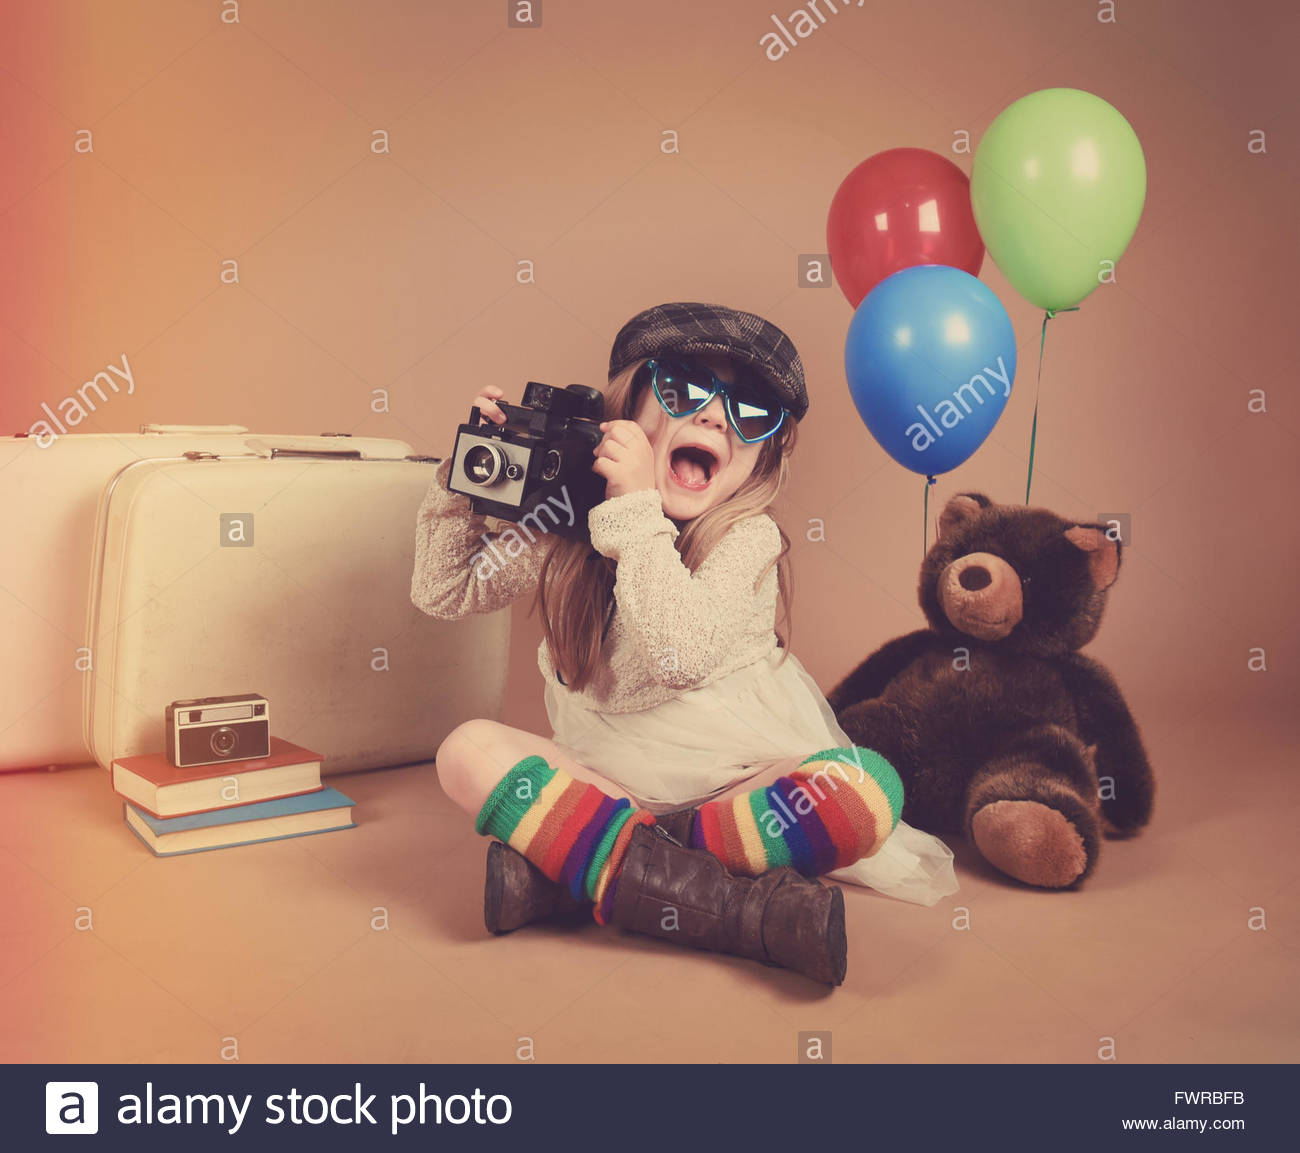 Ein Foto eines Vintage Kindes aufnehmen eines Bildes mit einer alten Kamera mit Luftballons und ein Teddybär Stockbild